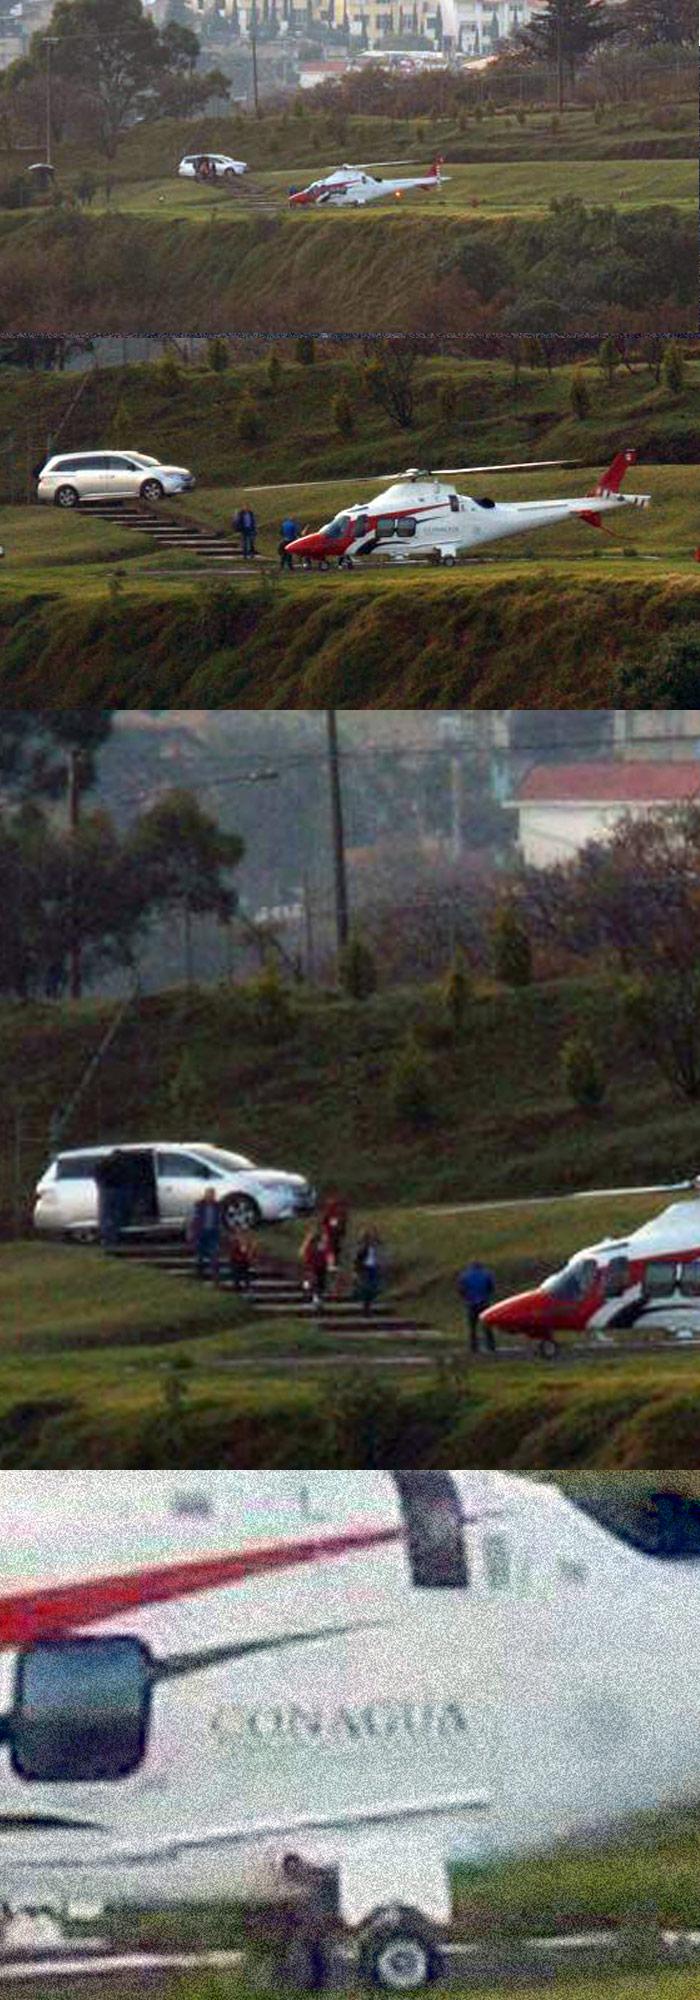 TUMBA ESCÁNDALO A TITULAR DE CONAGUA: Renuncia David Korenfeld tras ser exhibido por usar helicóptero oficial para asuntos privados